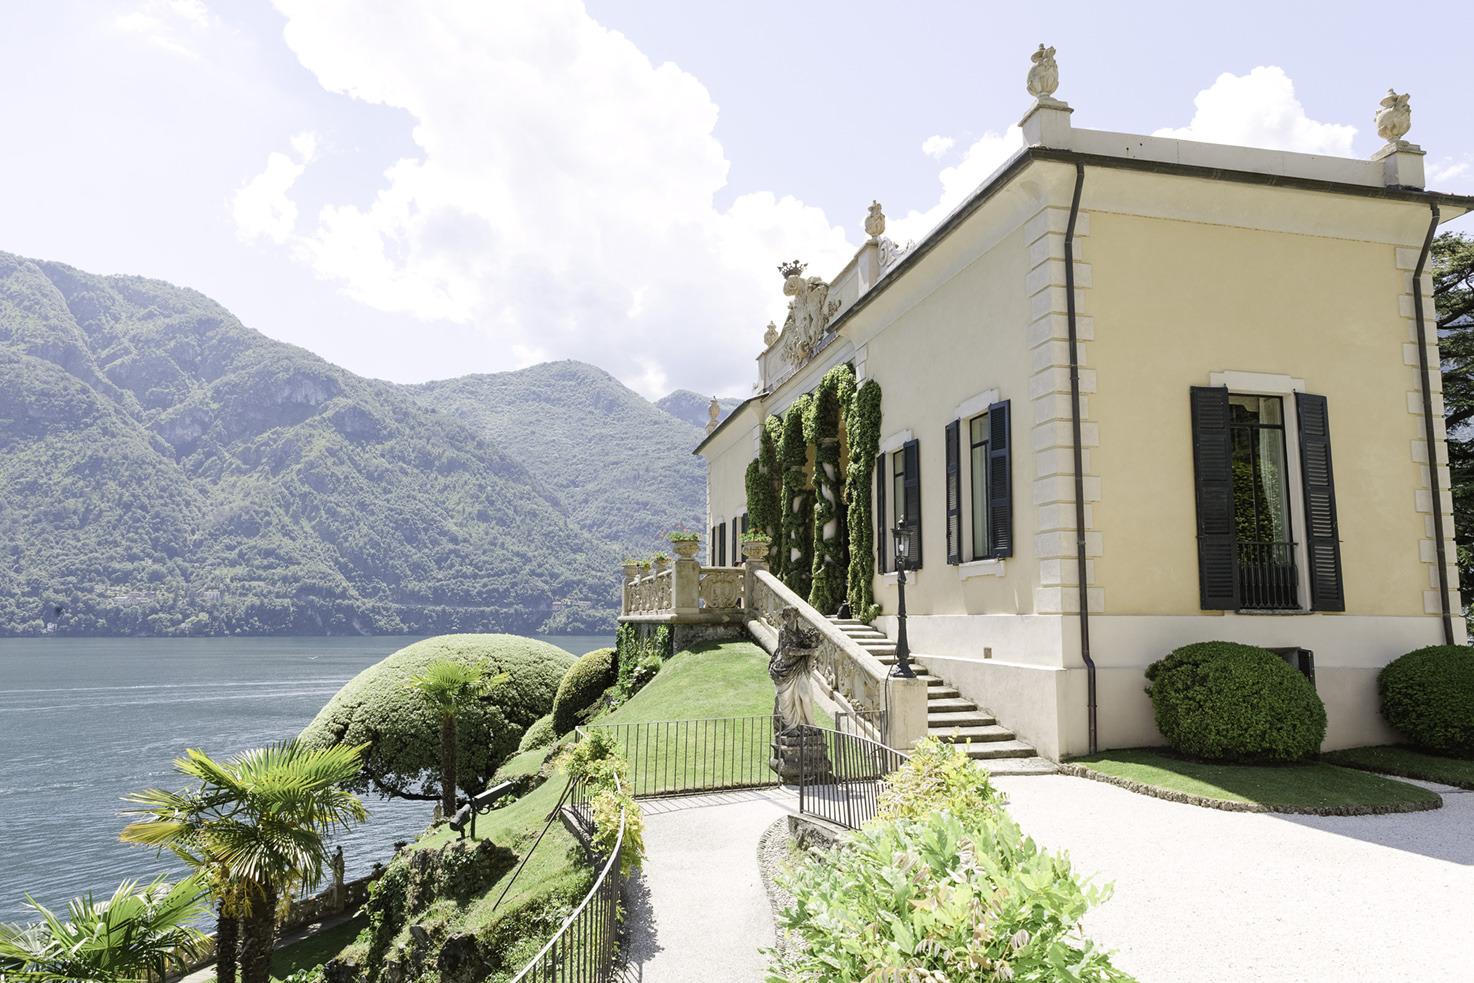 Loggia of Villa del Balbianello